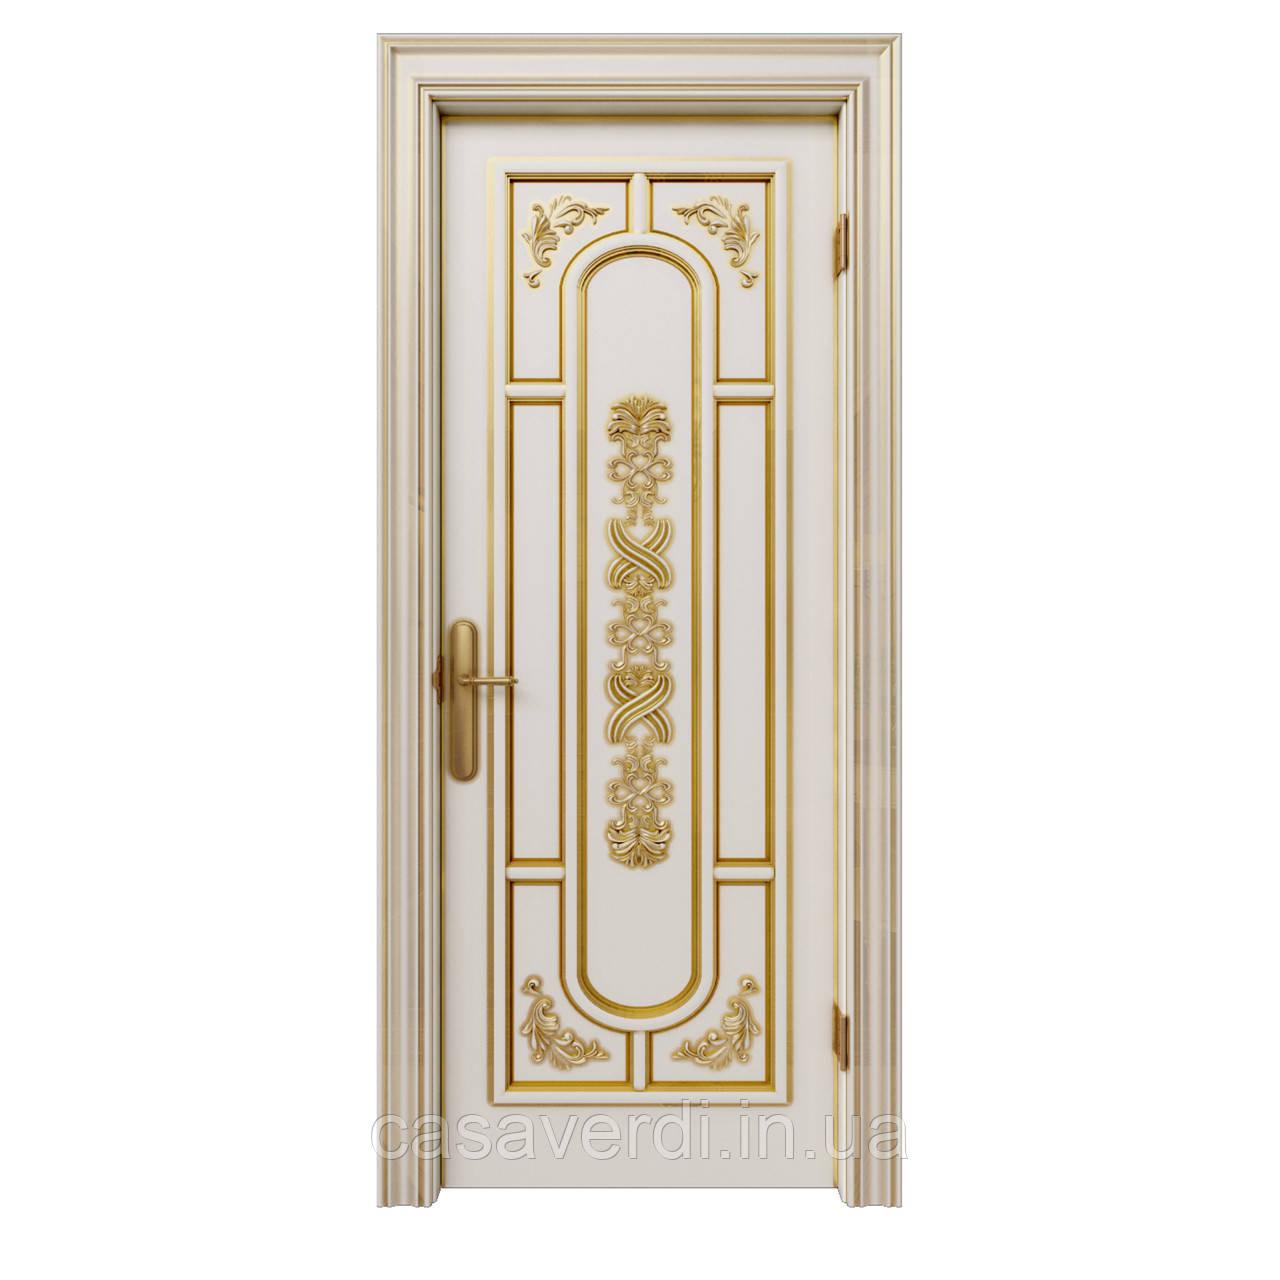 Межкомнатная дверь Casa Verdi Milano 5 из массива ольхи белая с декором